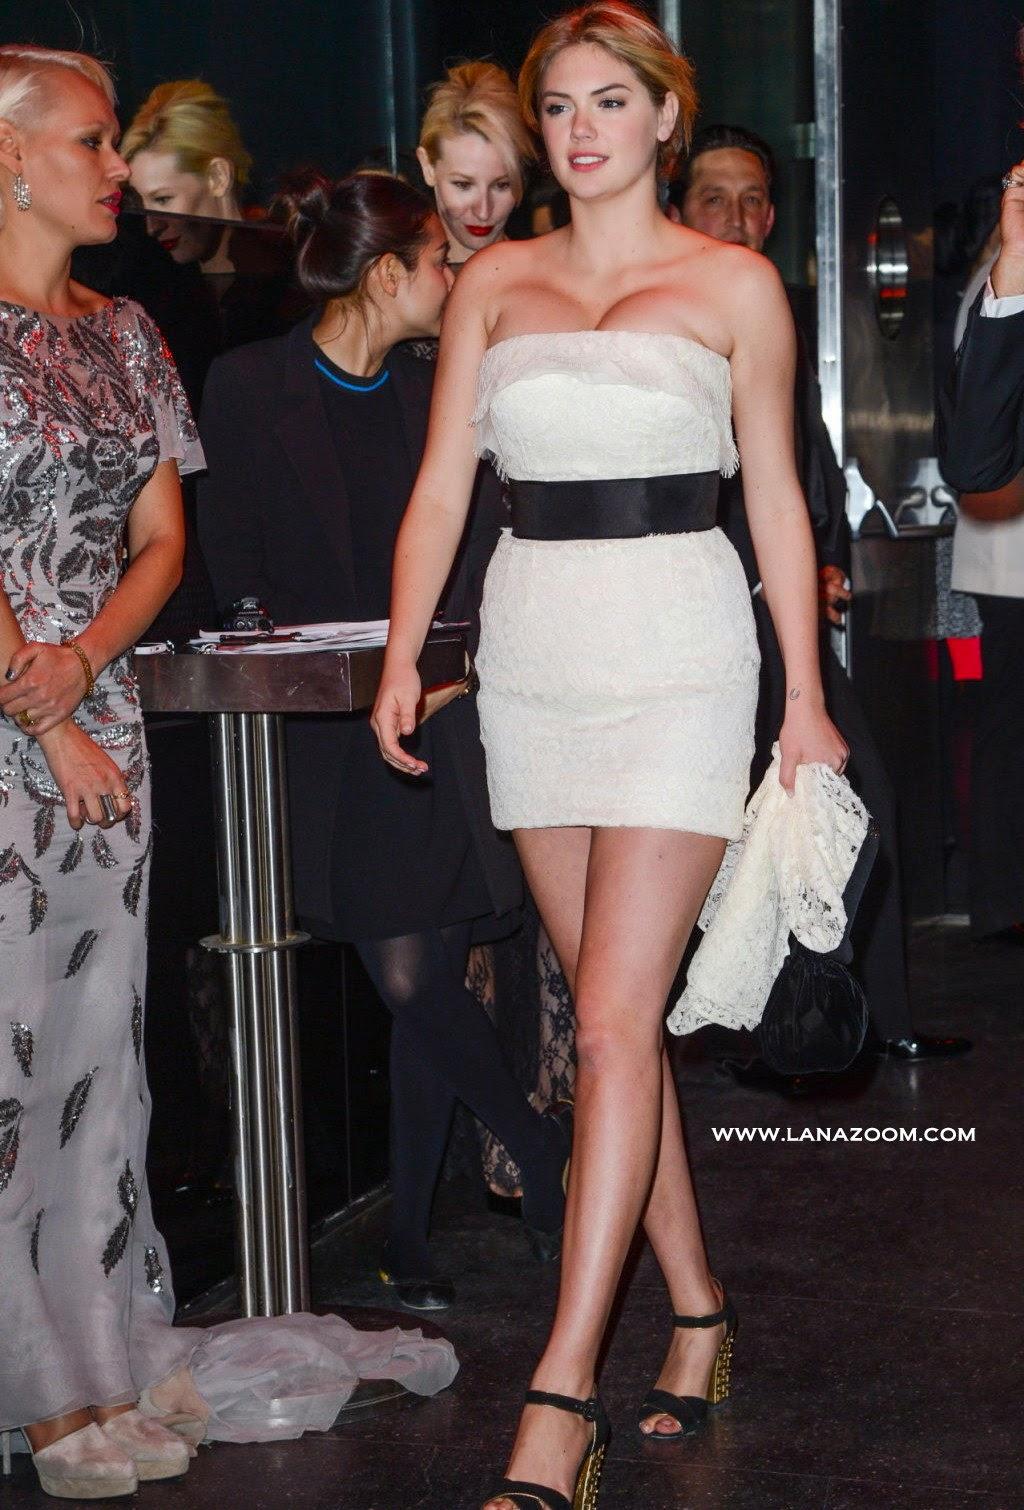 صور كيت ابتون في لحظات محرجة لفستانها القصير